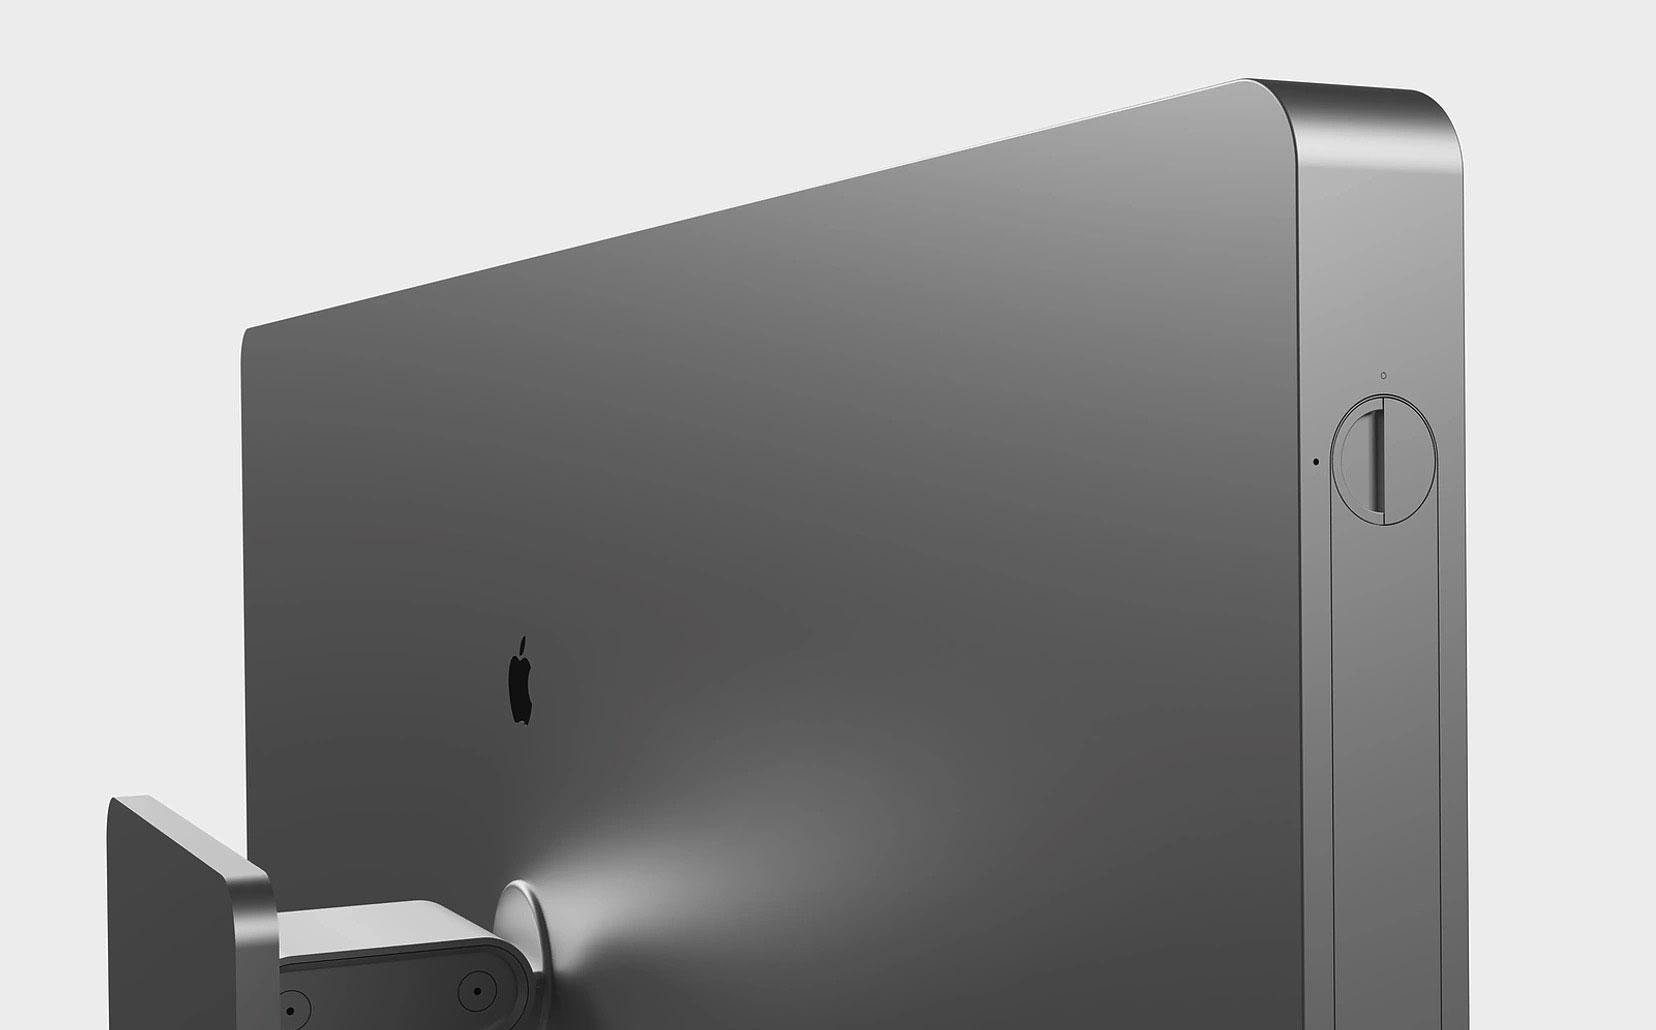 Ce concept de Mac Pro vaut le coup d'oeil - crédits Khahn Design